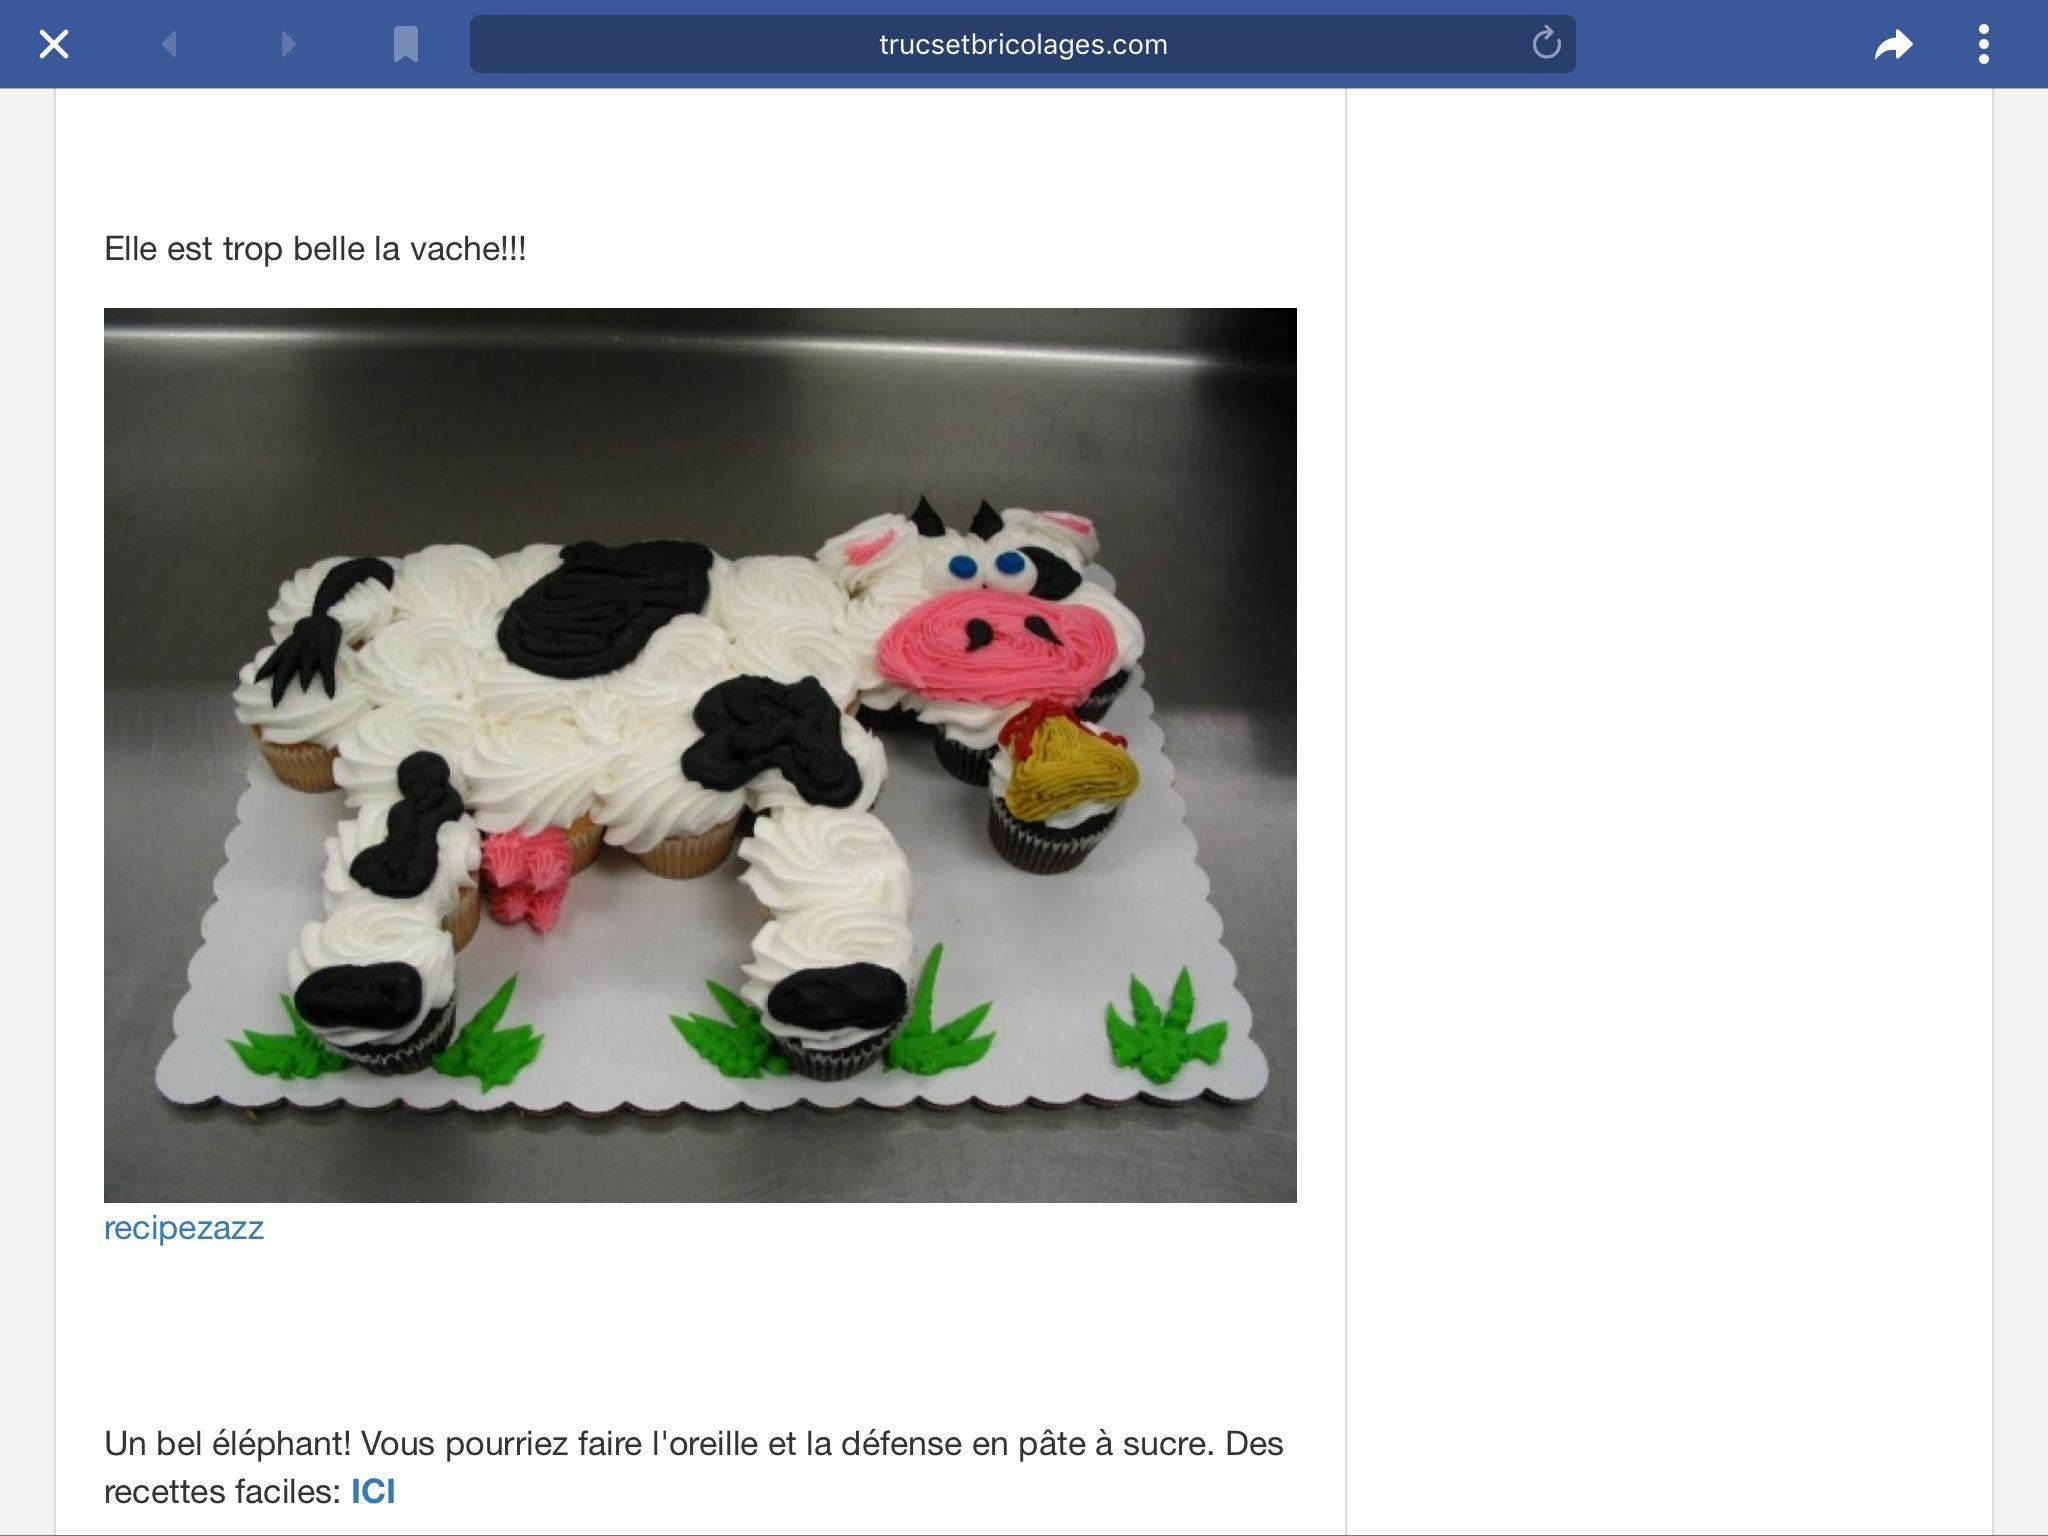 Épinglé par Melanie Paille sur Cup cakes | Vache, Recette ...